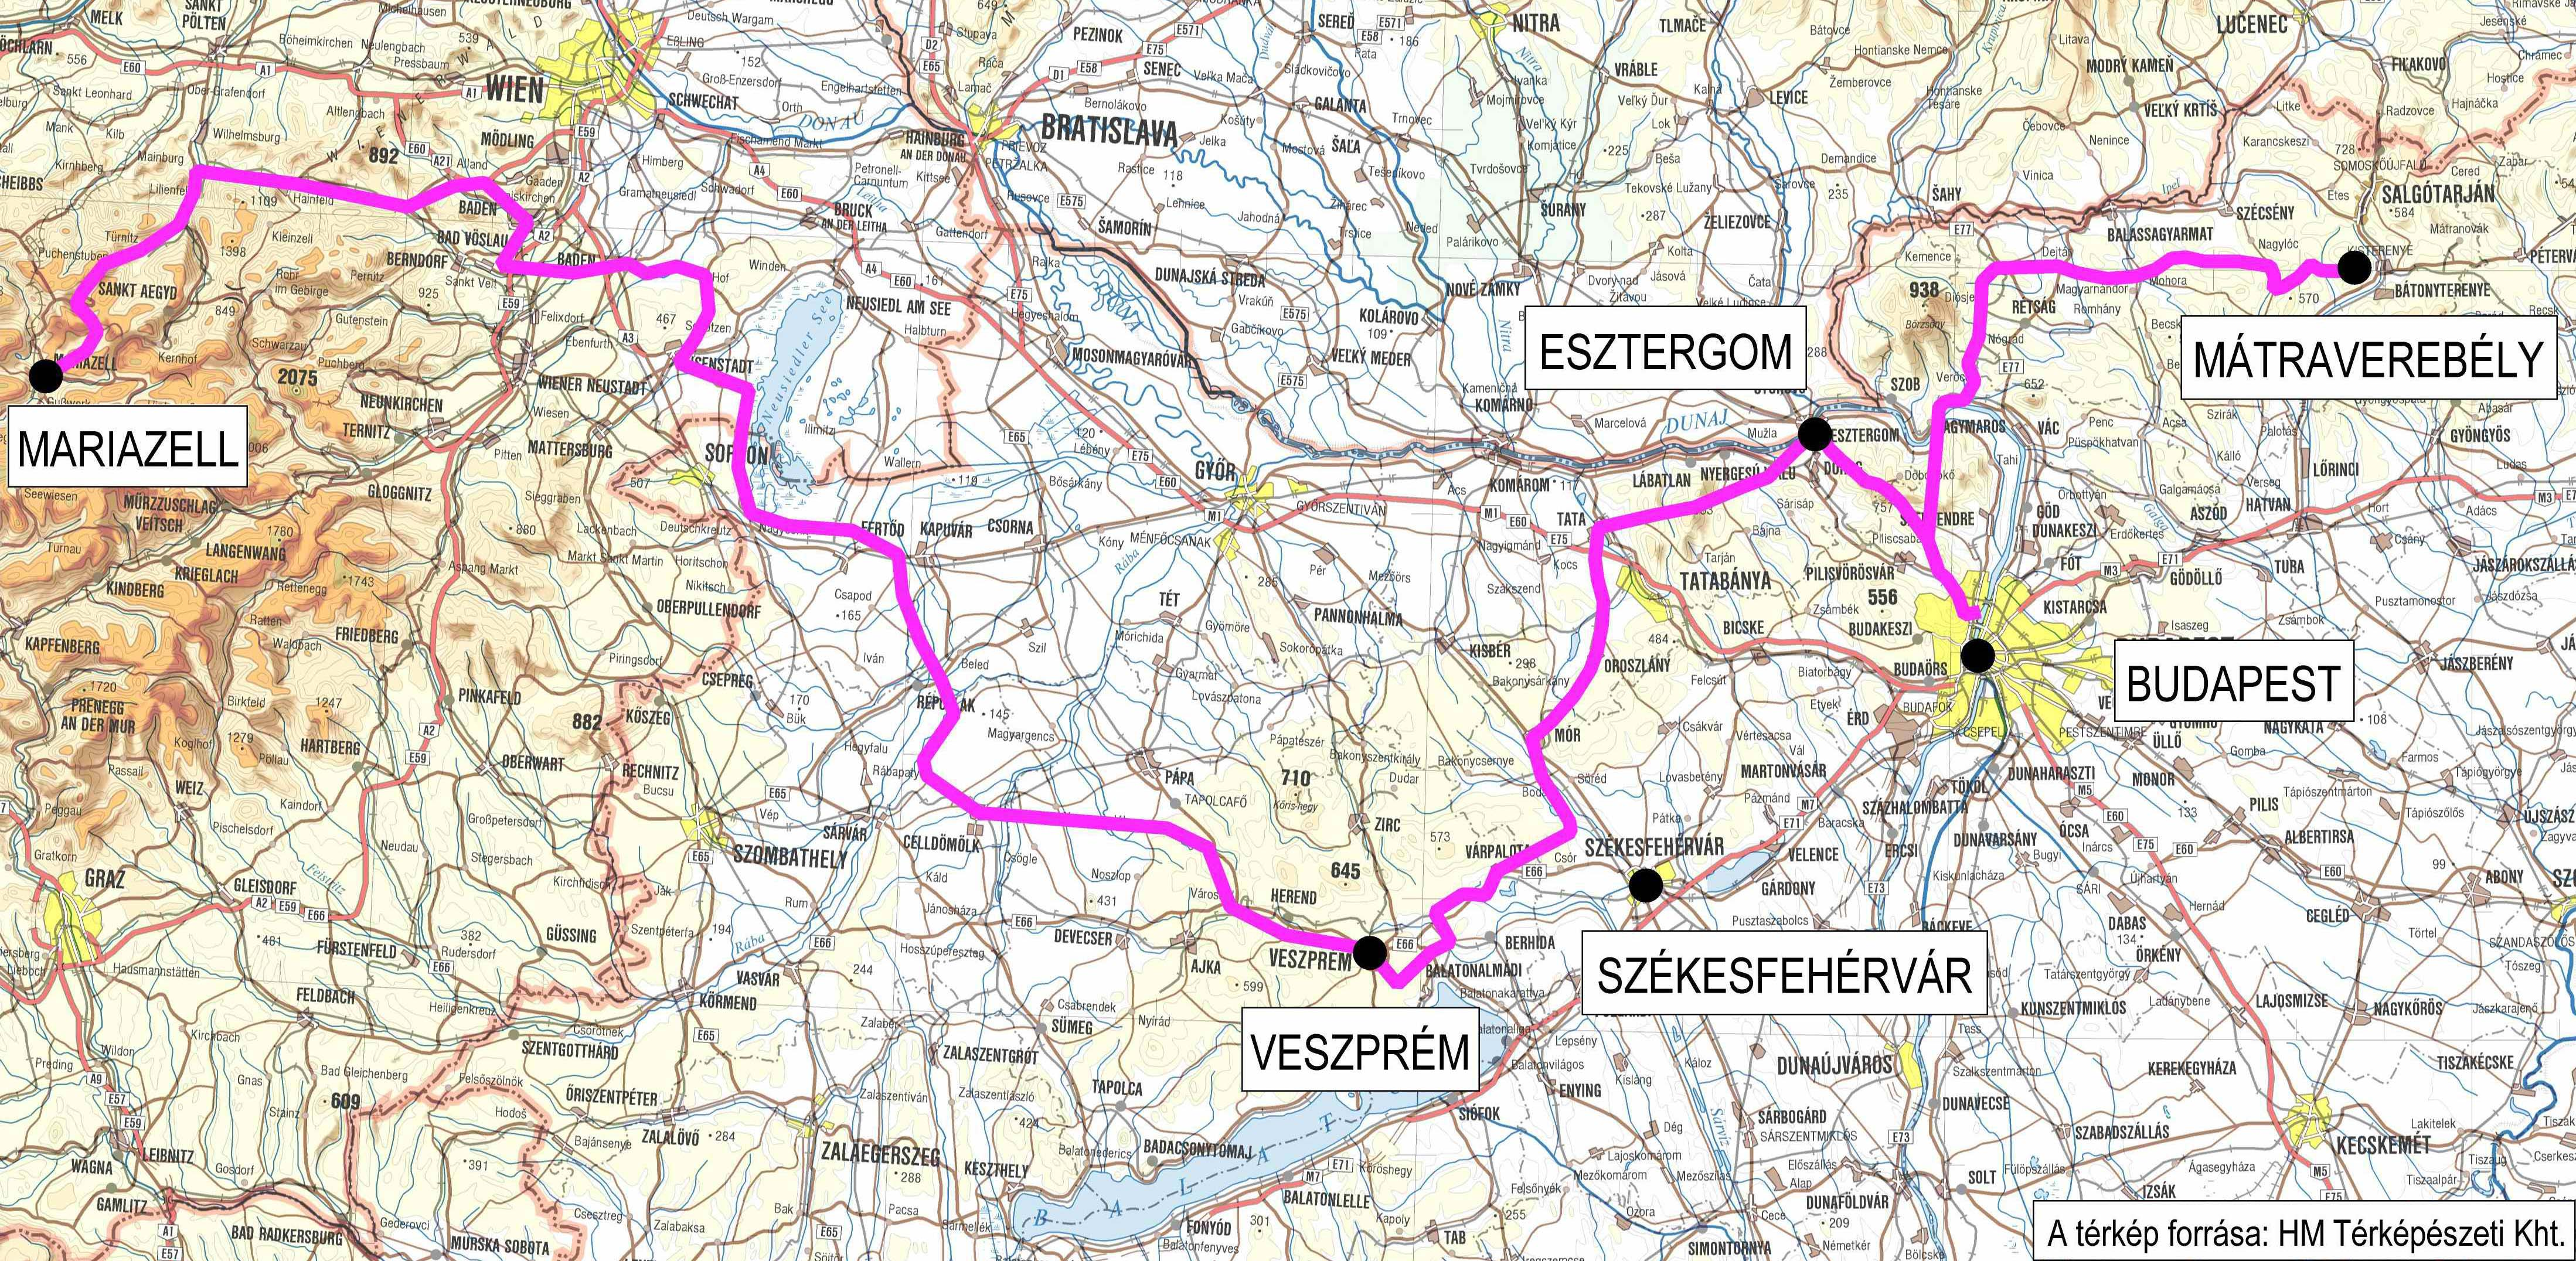 magyarország térkép hollókő Útvonal | ViaMargaritarum magyarország térkép hollókő